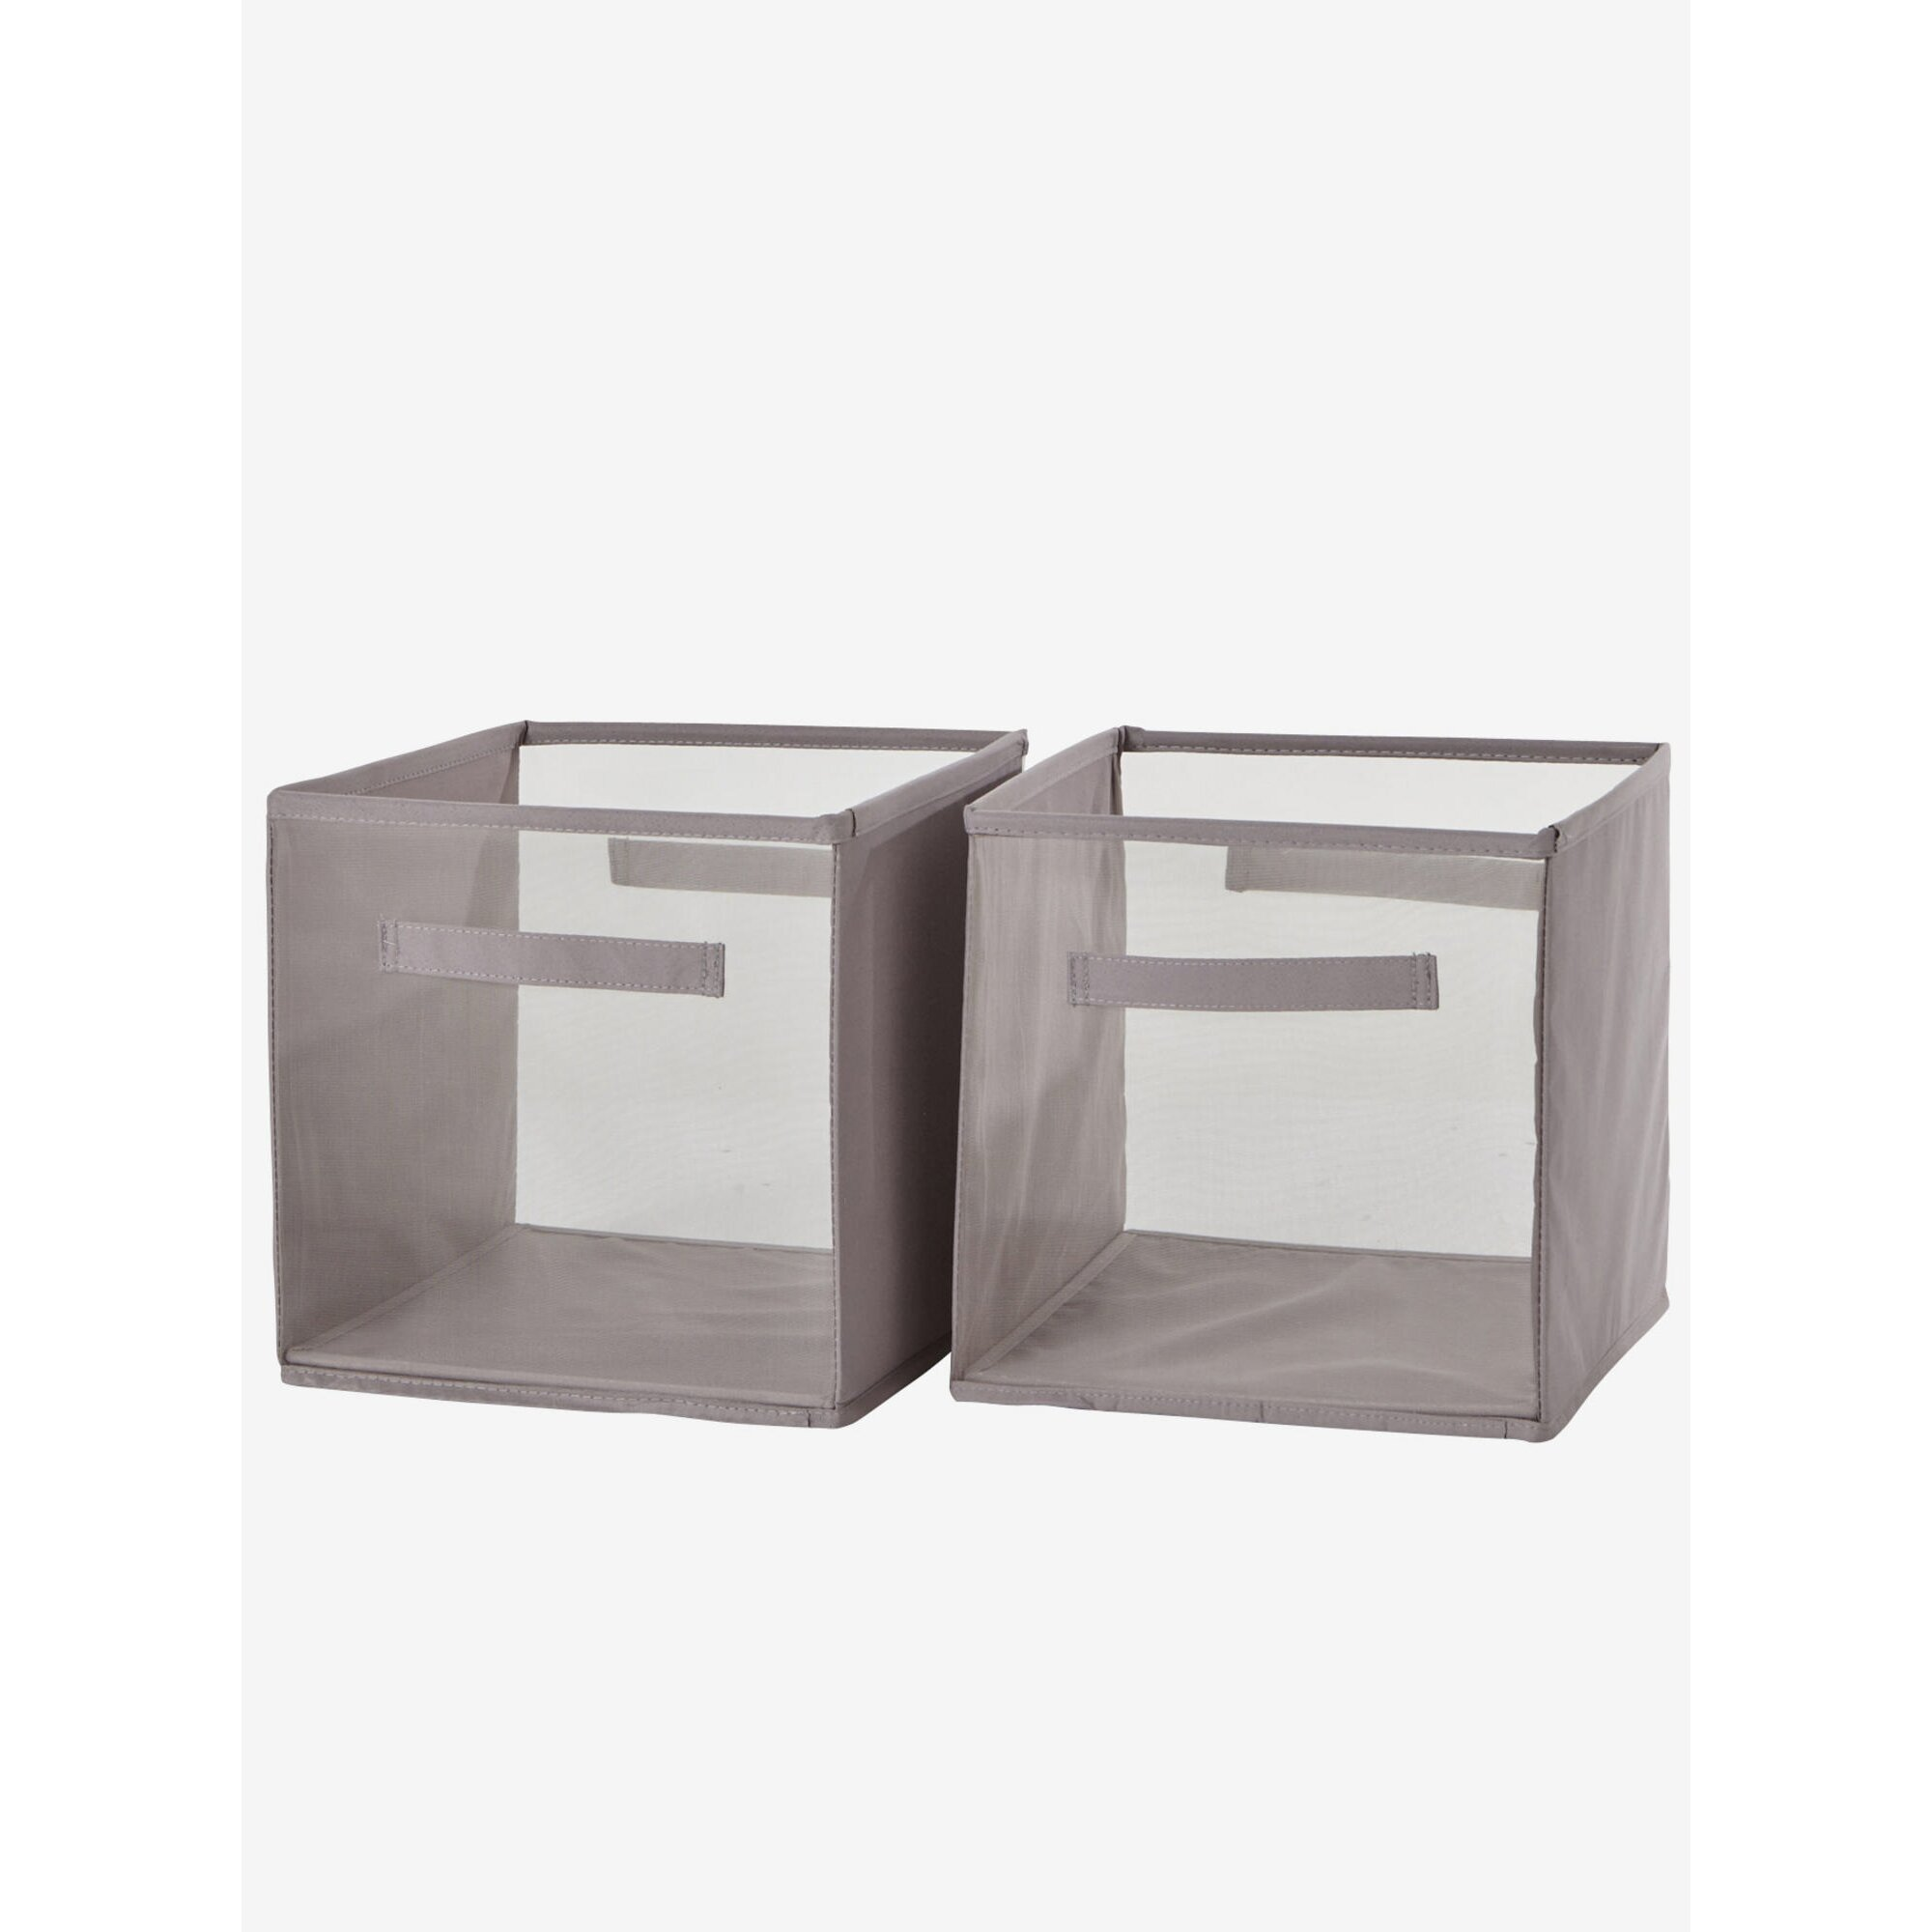 vertbaudet-durchsichtige-aufbewahrungsboxen-im-2er-set